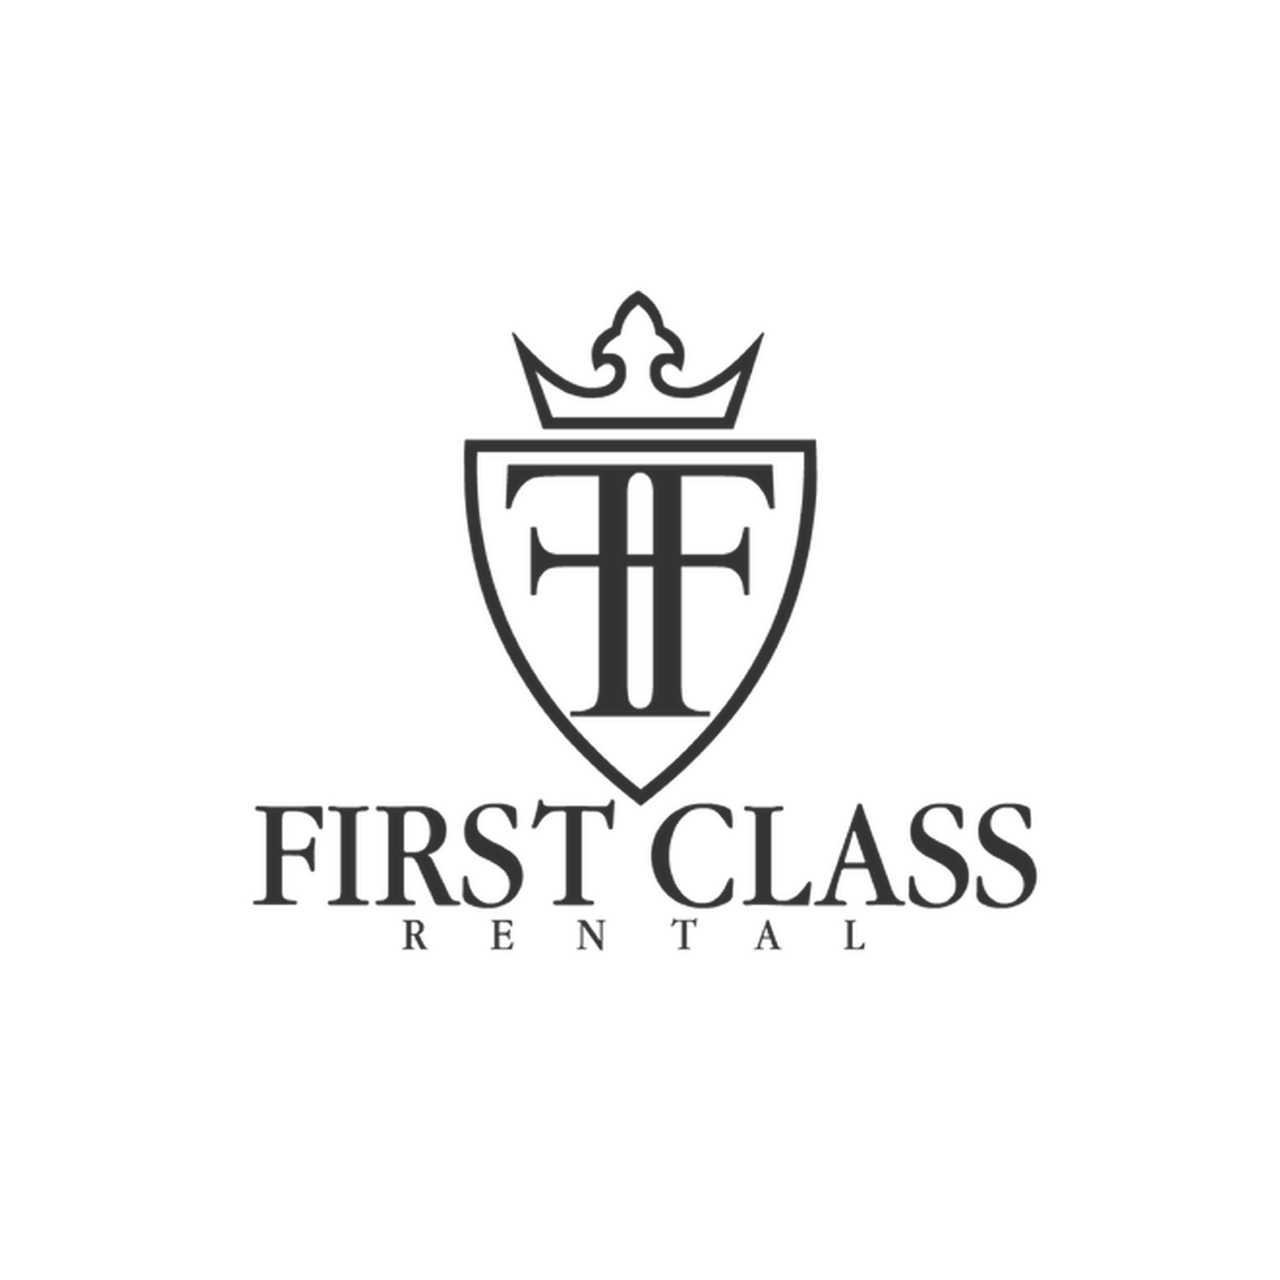 First Class Rental